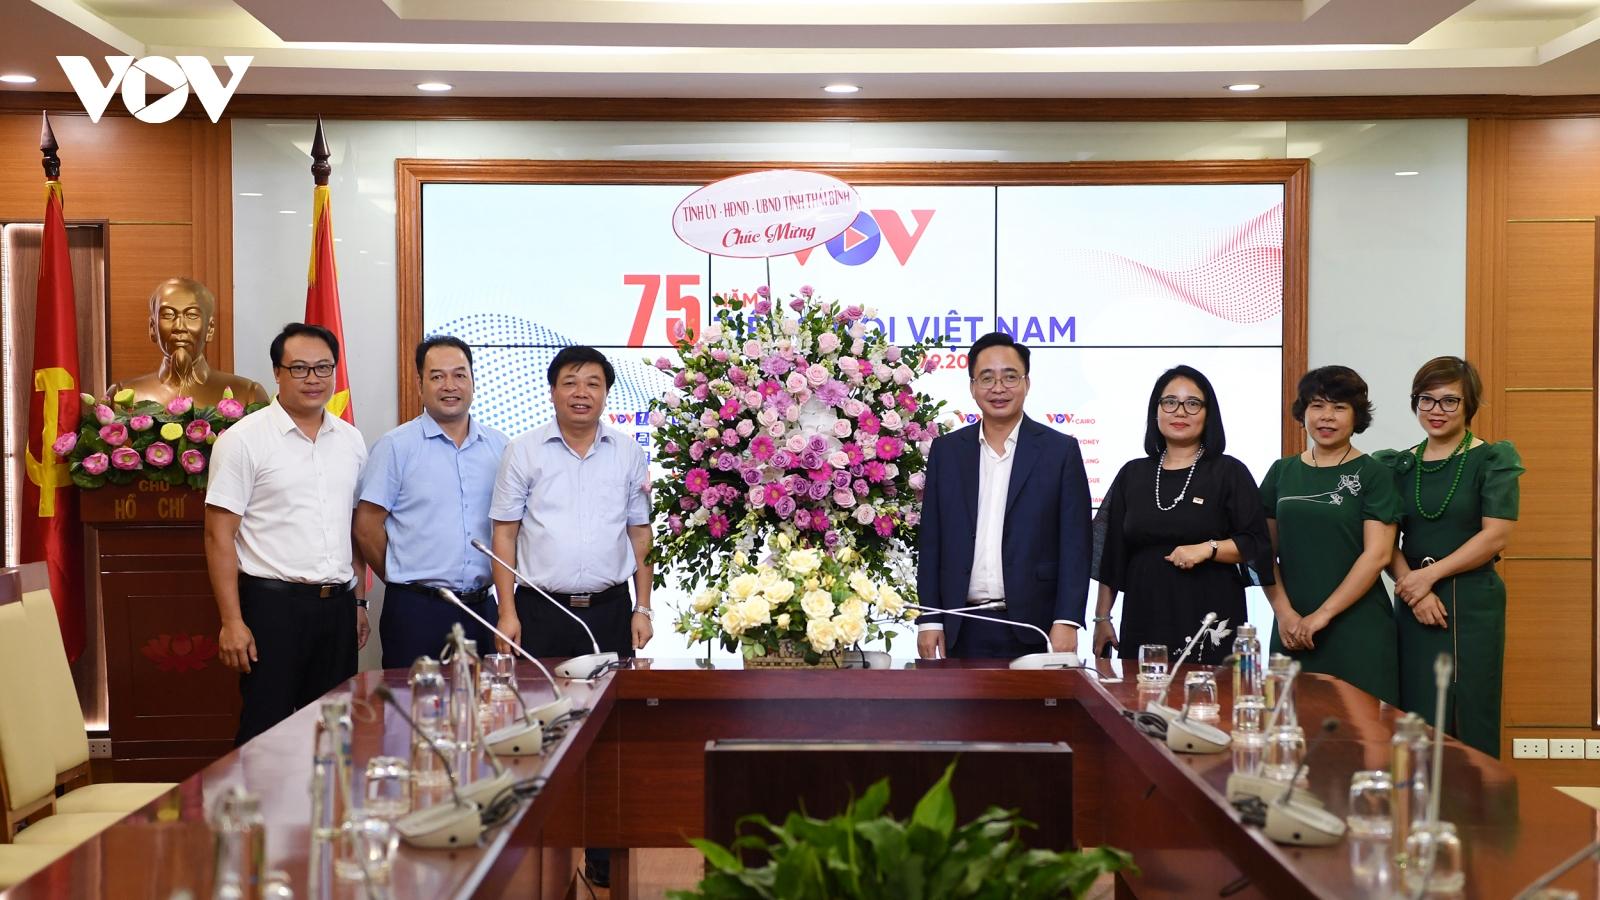 Các địa phương, đơn vị chúc mừng VOV nhân kỷ niệm 75 năm thành lập